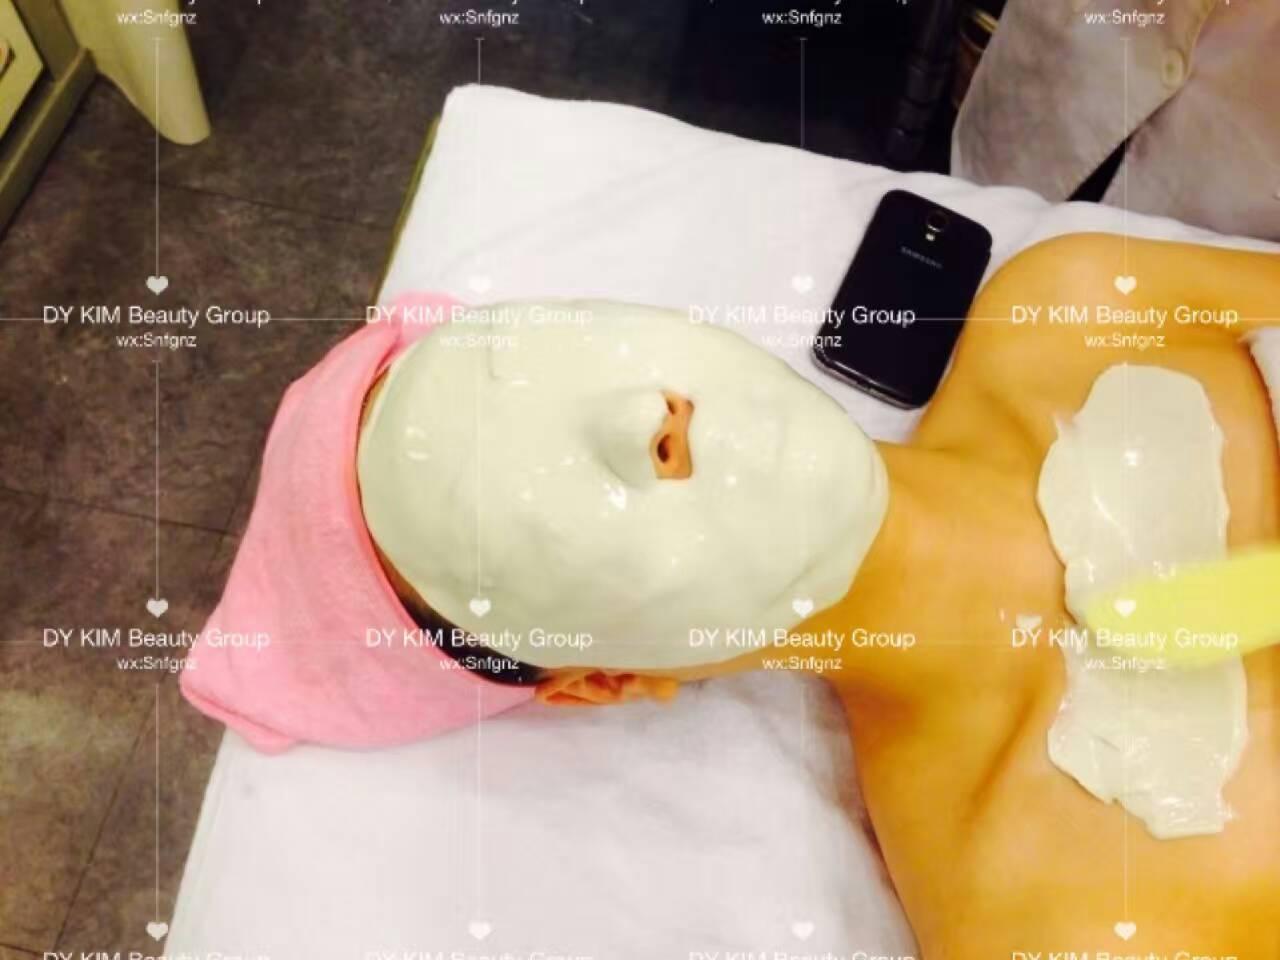 韩国皮肤管理,比半永久还火的项目! 半永久公开课 第9张